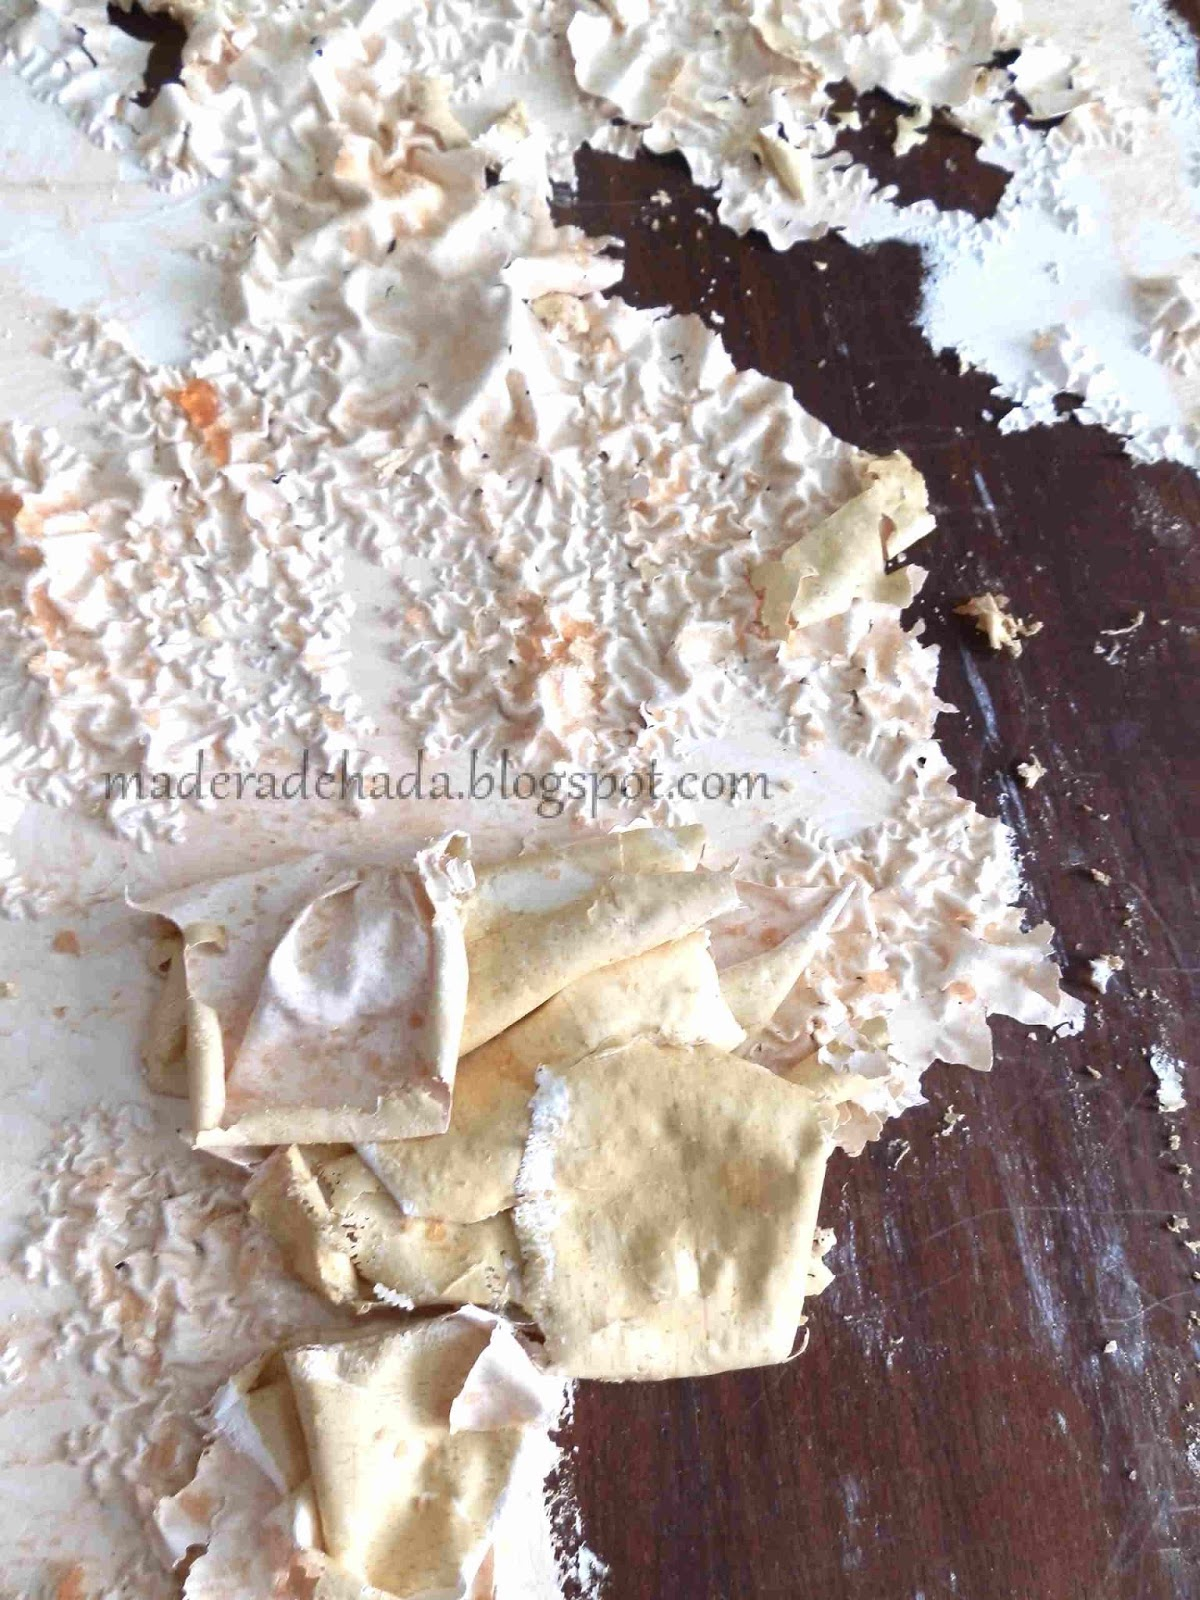 Como quitar la pintura a un mueble de madera madera de hada for Decapante para madera